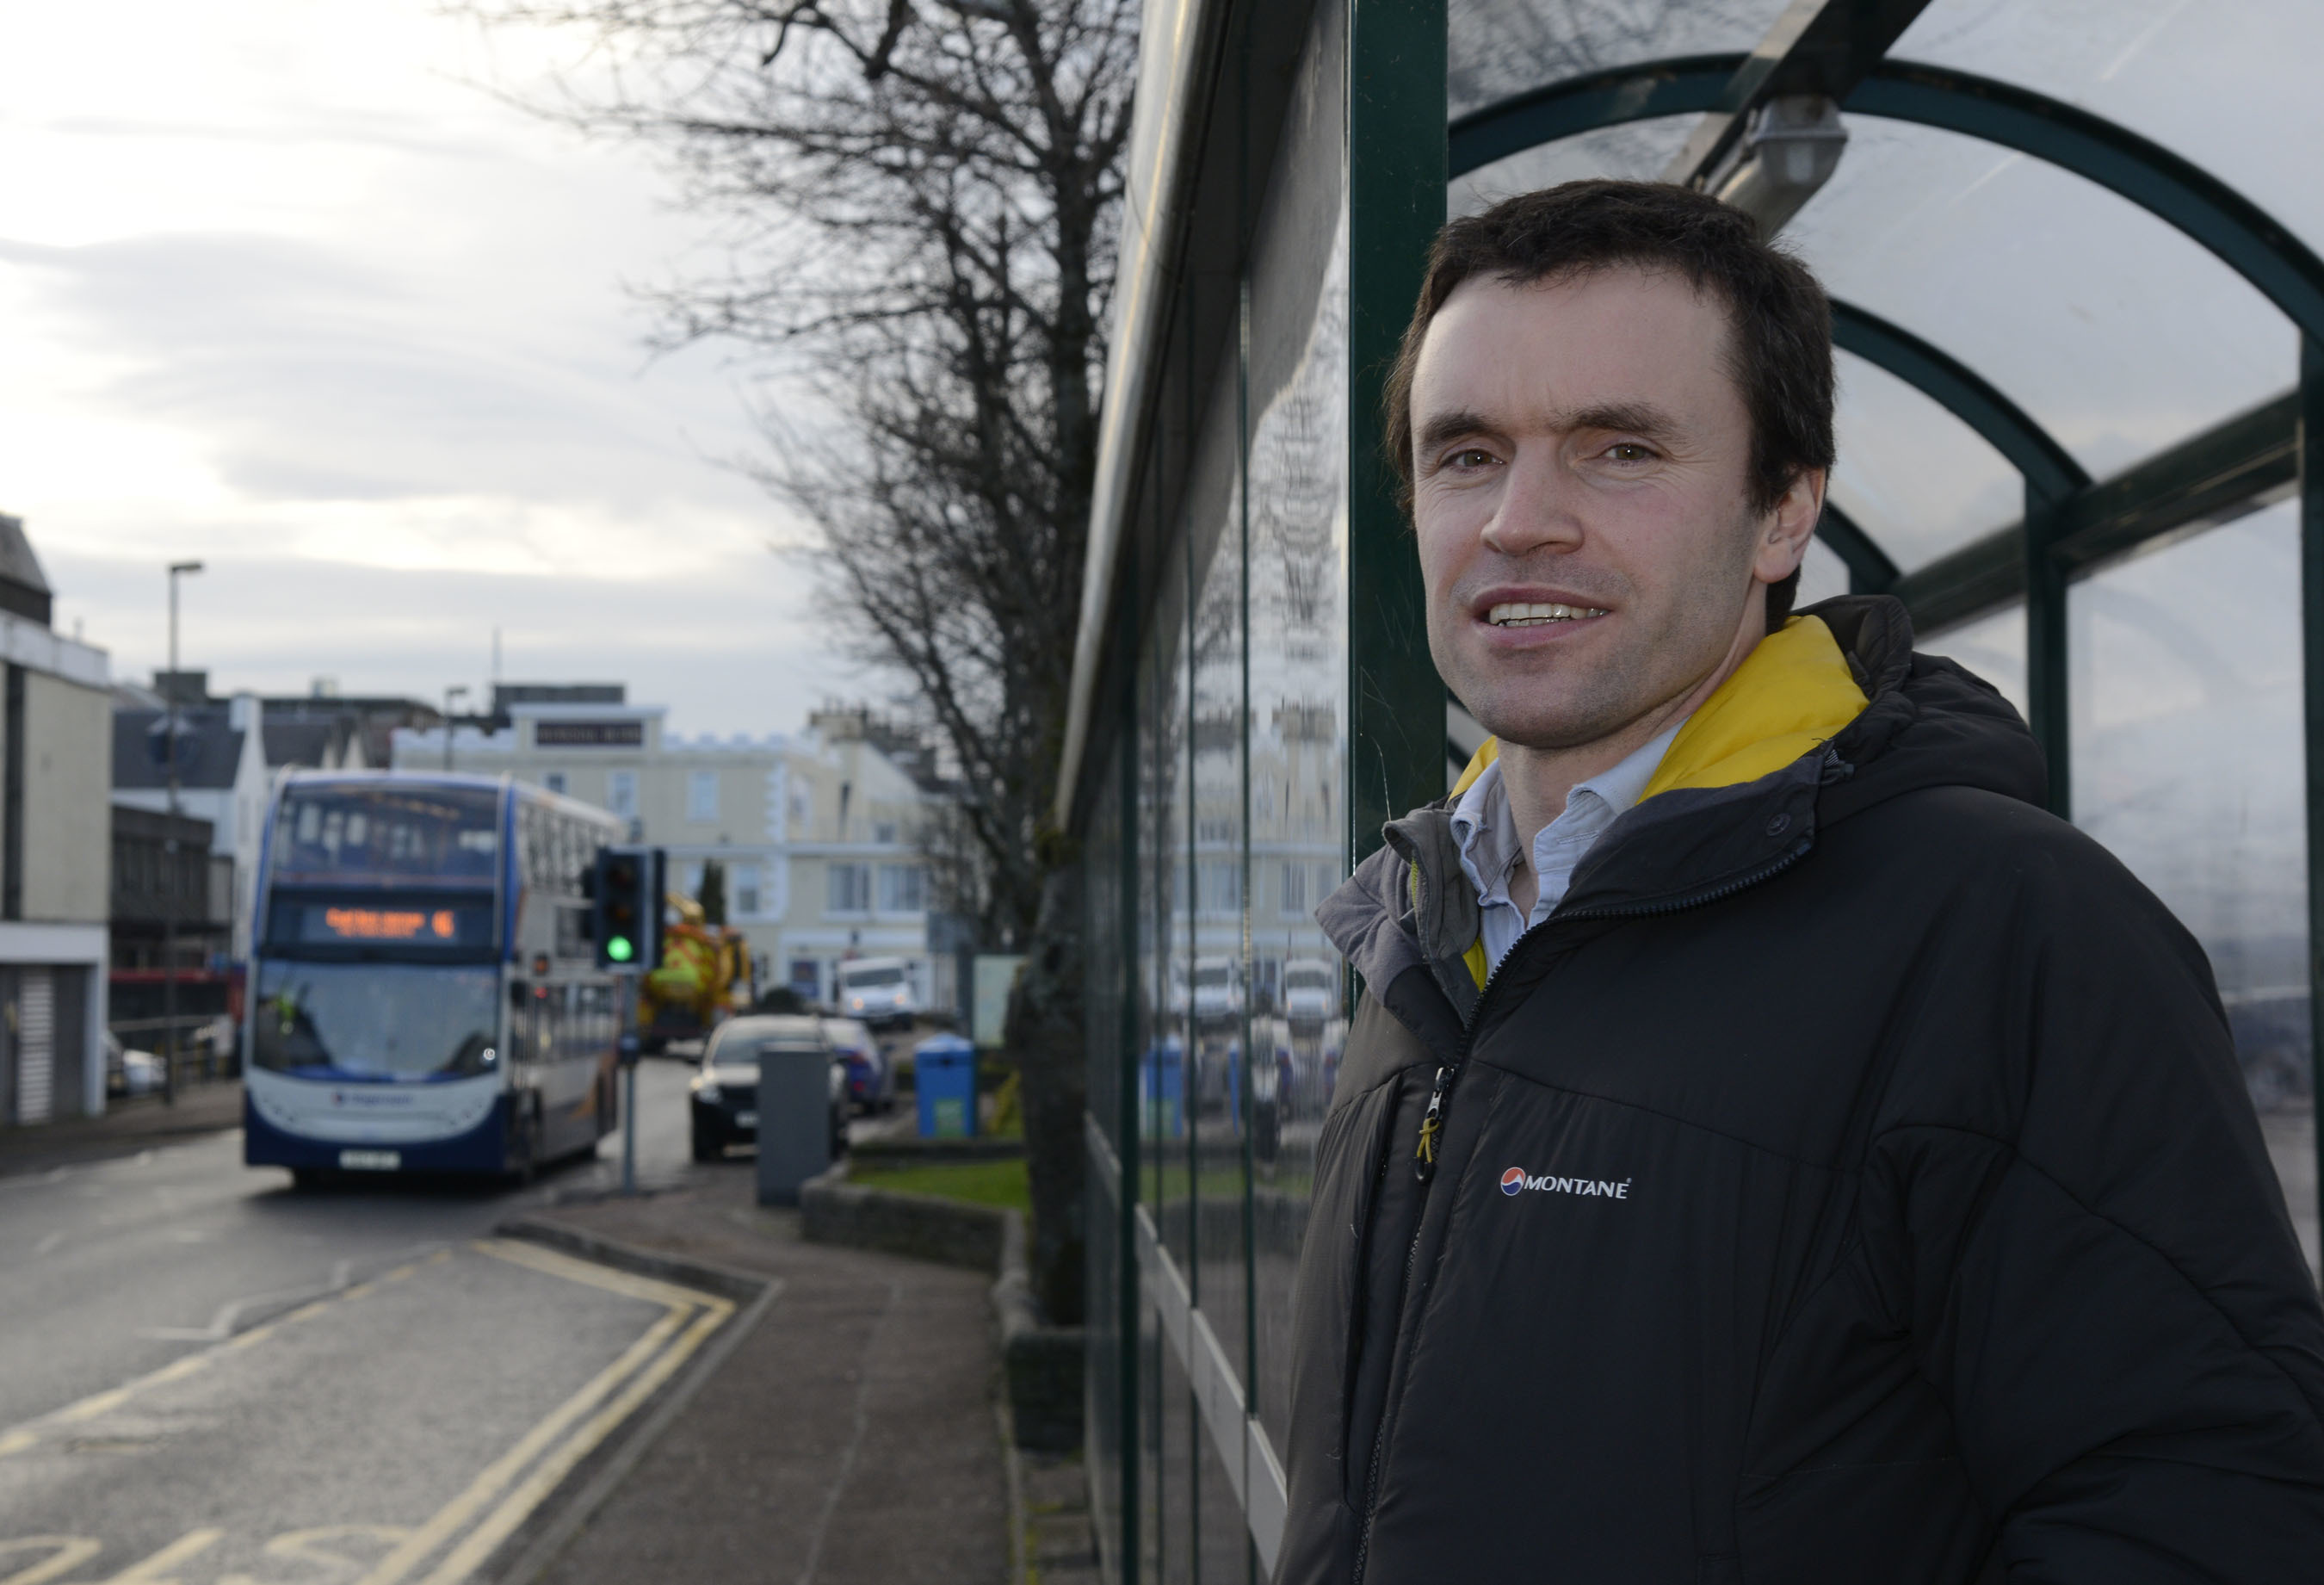 Councillor Ben Thompson